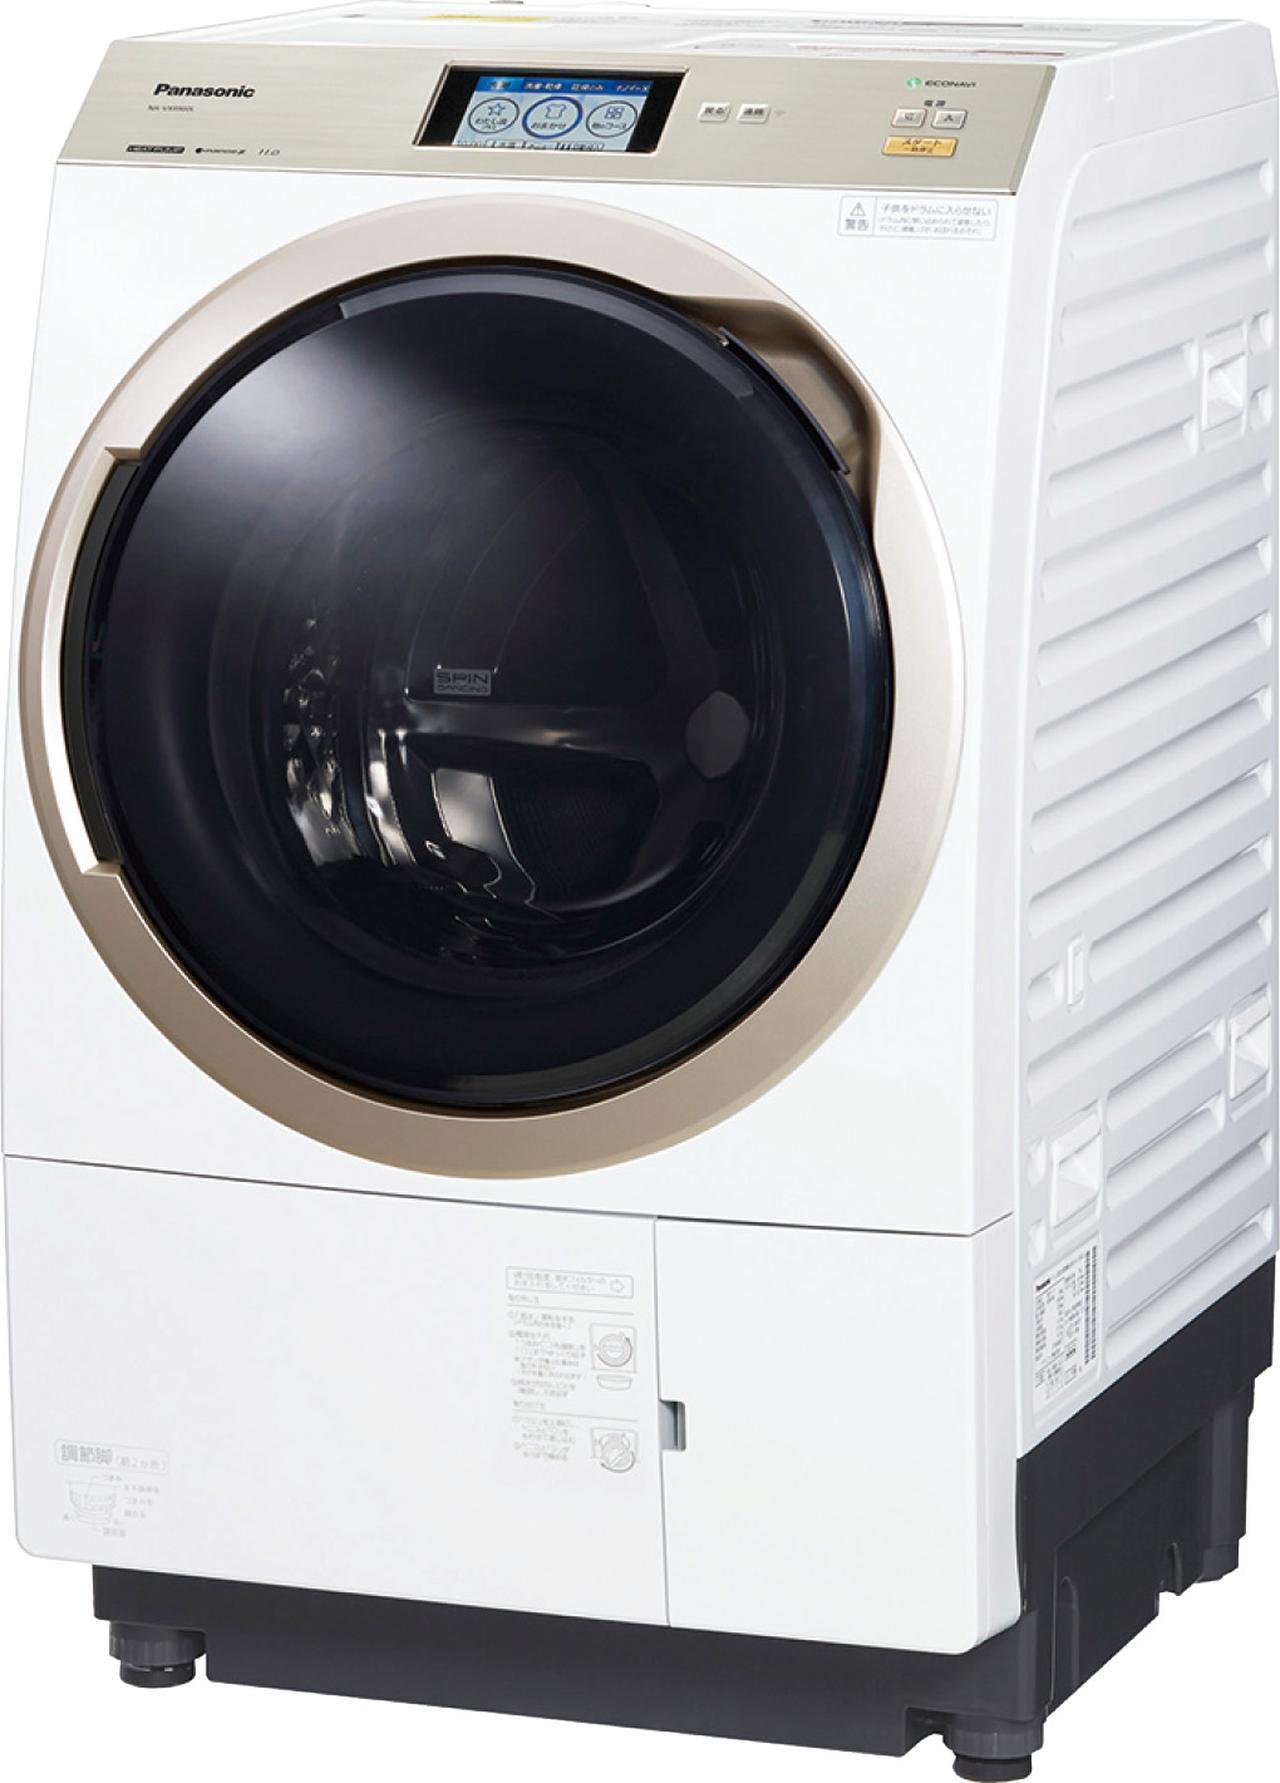 画像1: 【洗濯乾燥機おすすめ2019】人気はドラム式?温水洗浄機能にも注目!